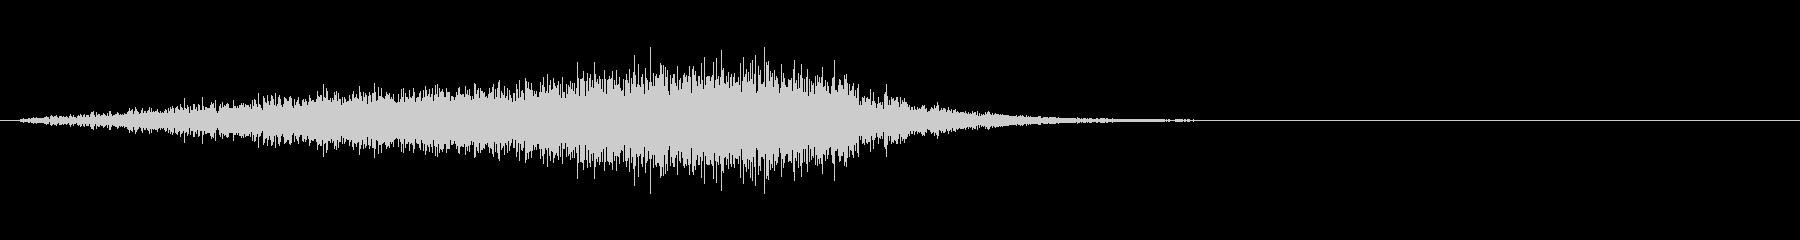 企業_エレクトロニック_ME_SE_6の未再生の波形